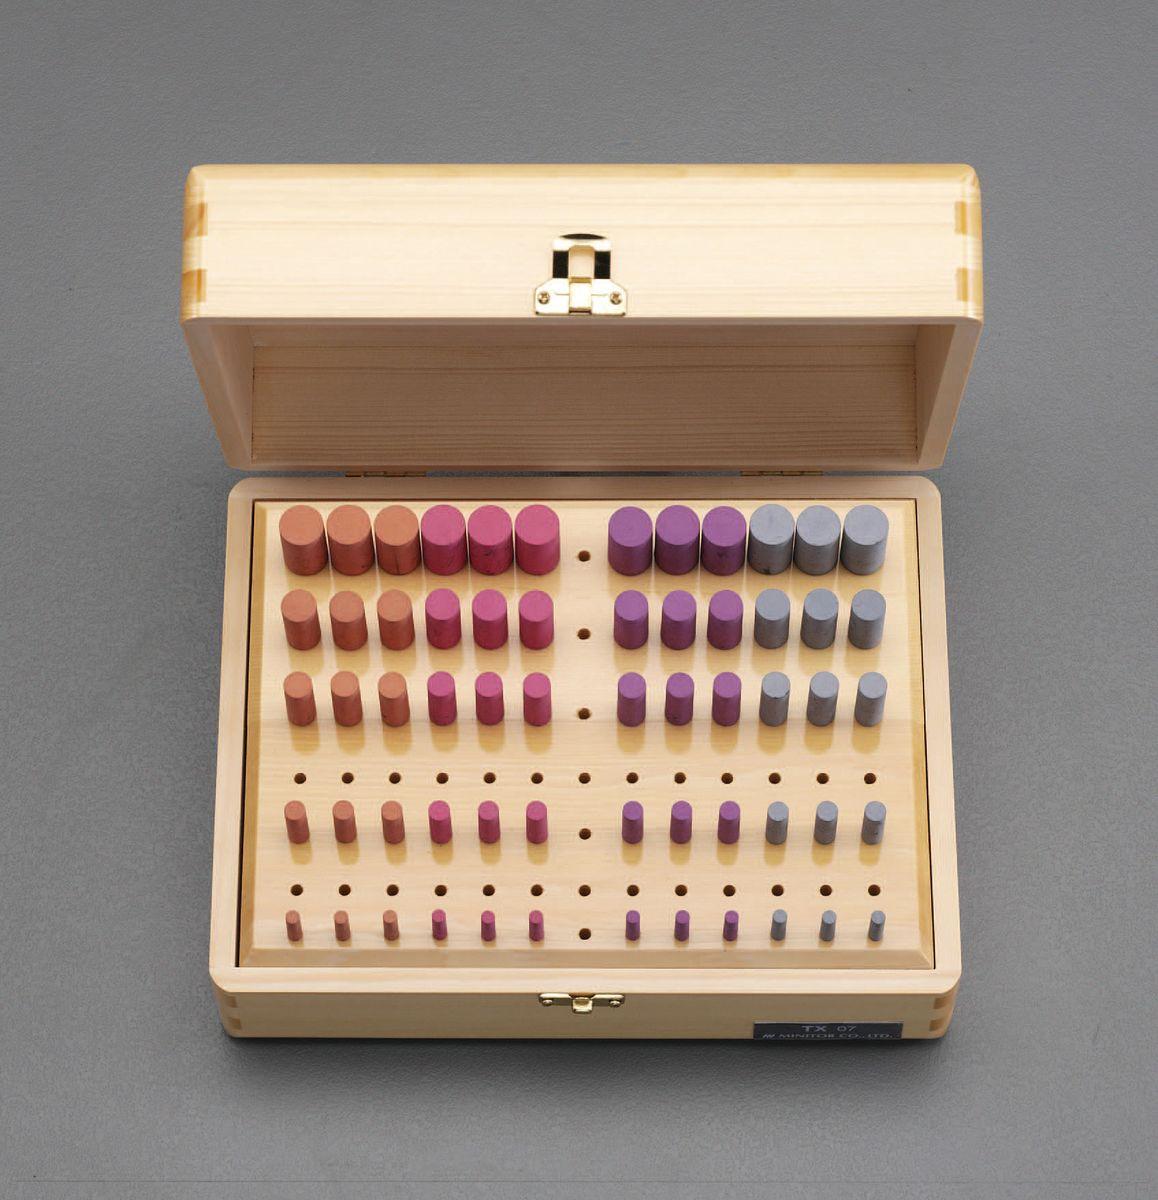 【メーカー在庫あり】 エスコ ESCO 60本組 軸付ゴム砥石セット 3mm軸 000012240749 JP店